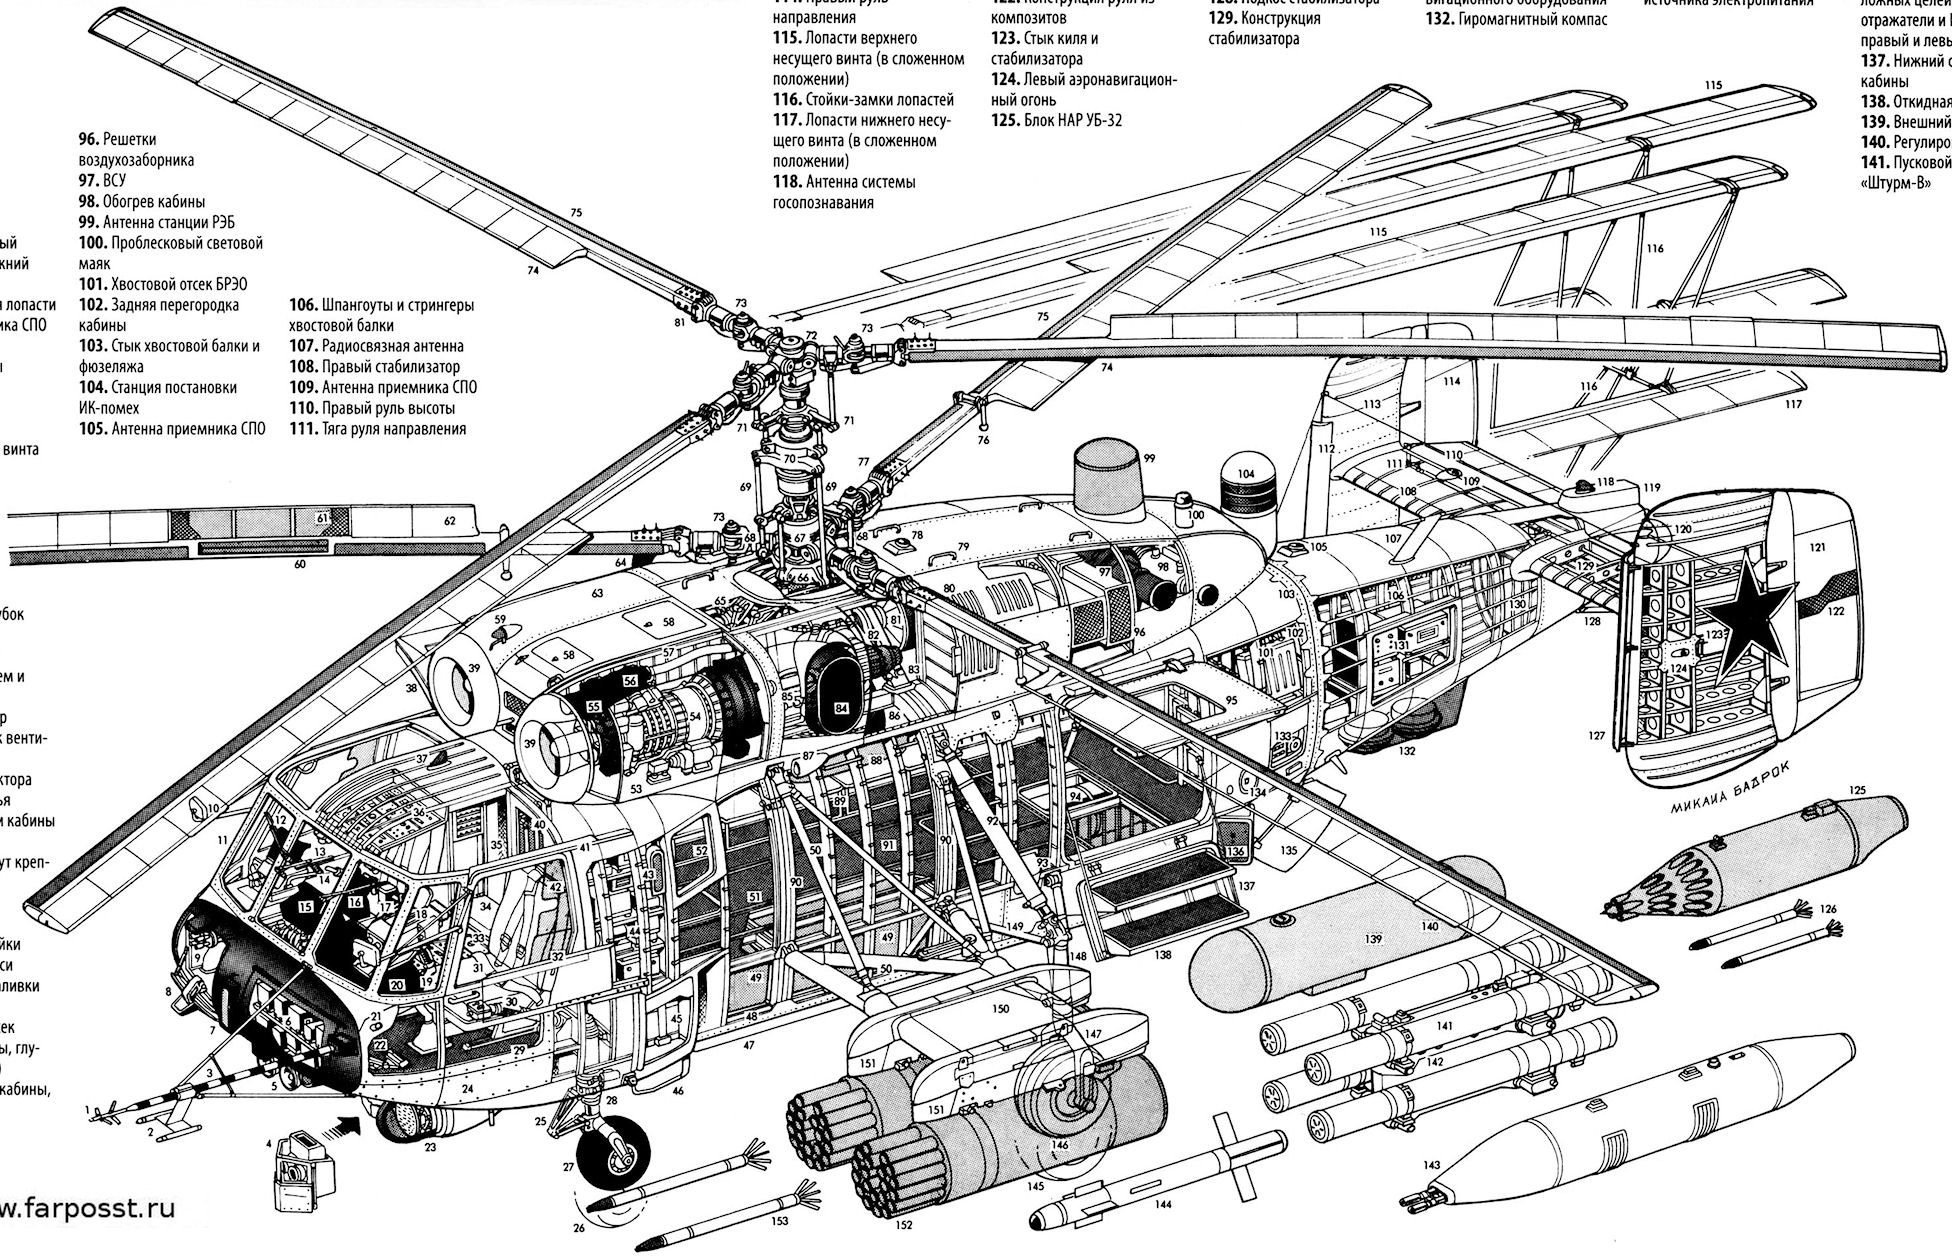 Kz 29 Cutaways